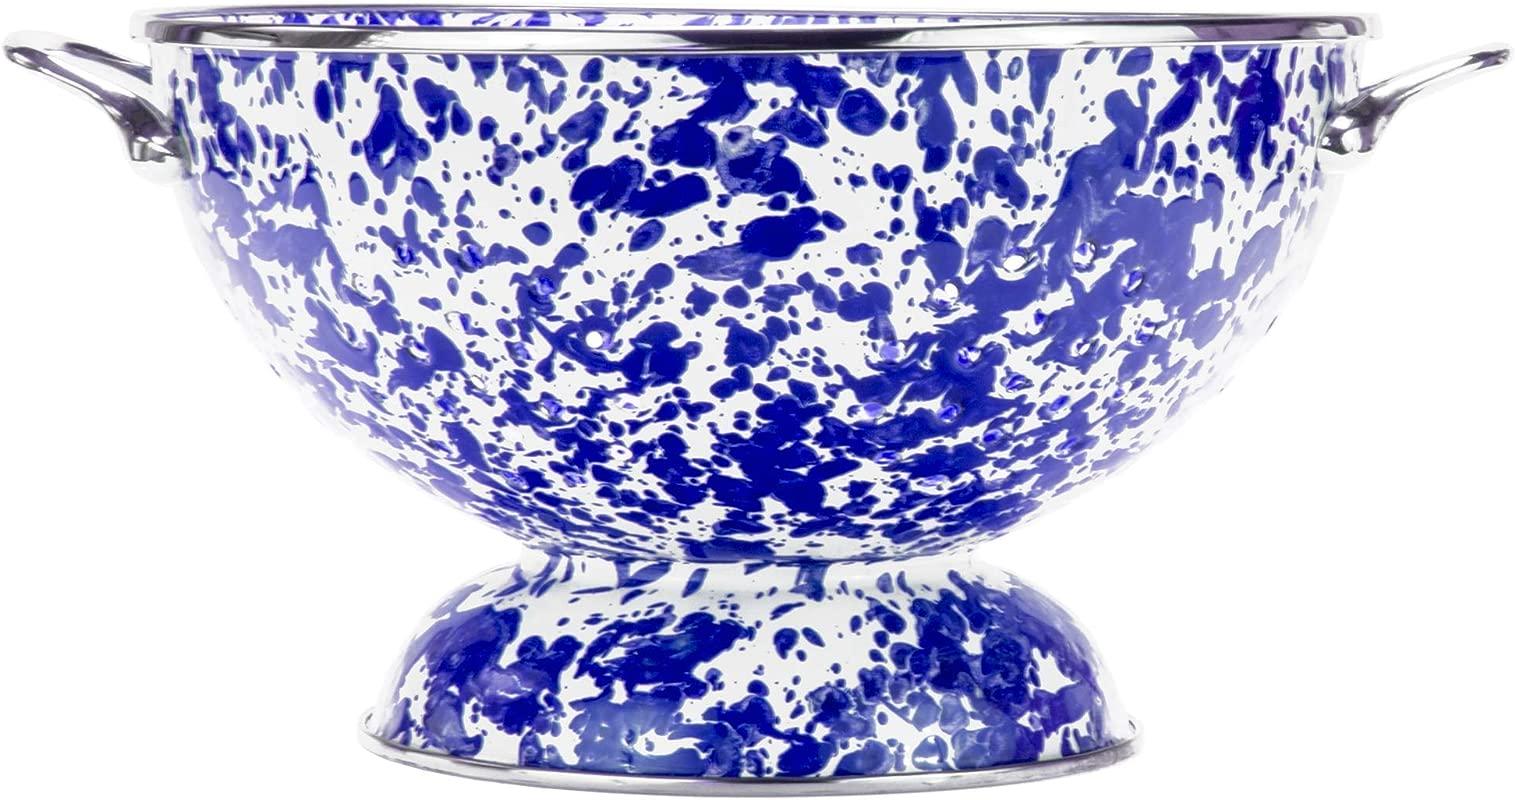 Golden Rabbit Enamelware Cobalt Blue Swirl Pattern 2 Quart Large Colander